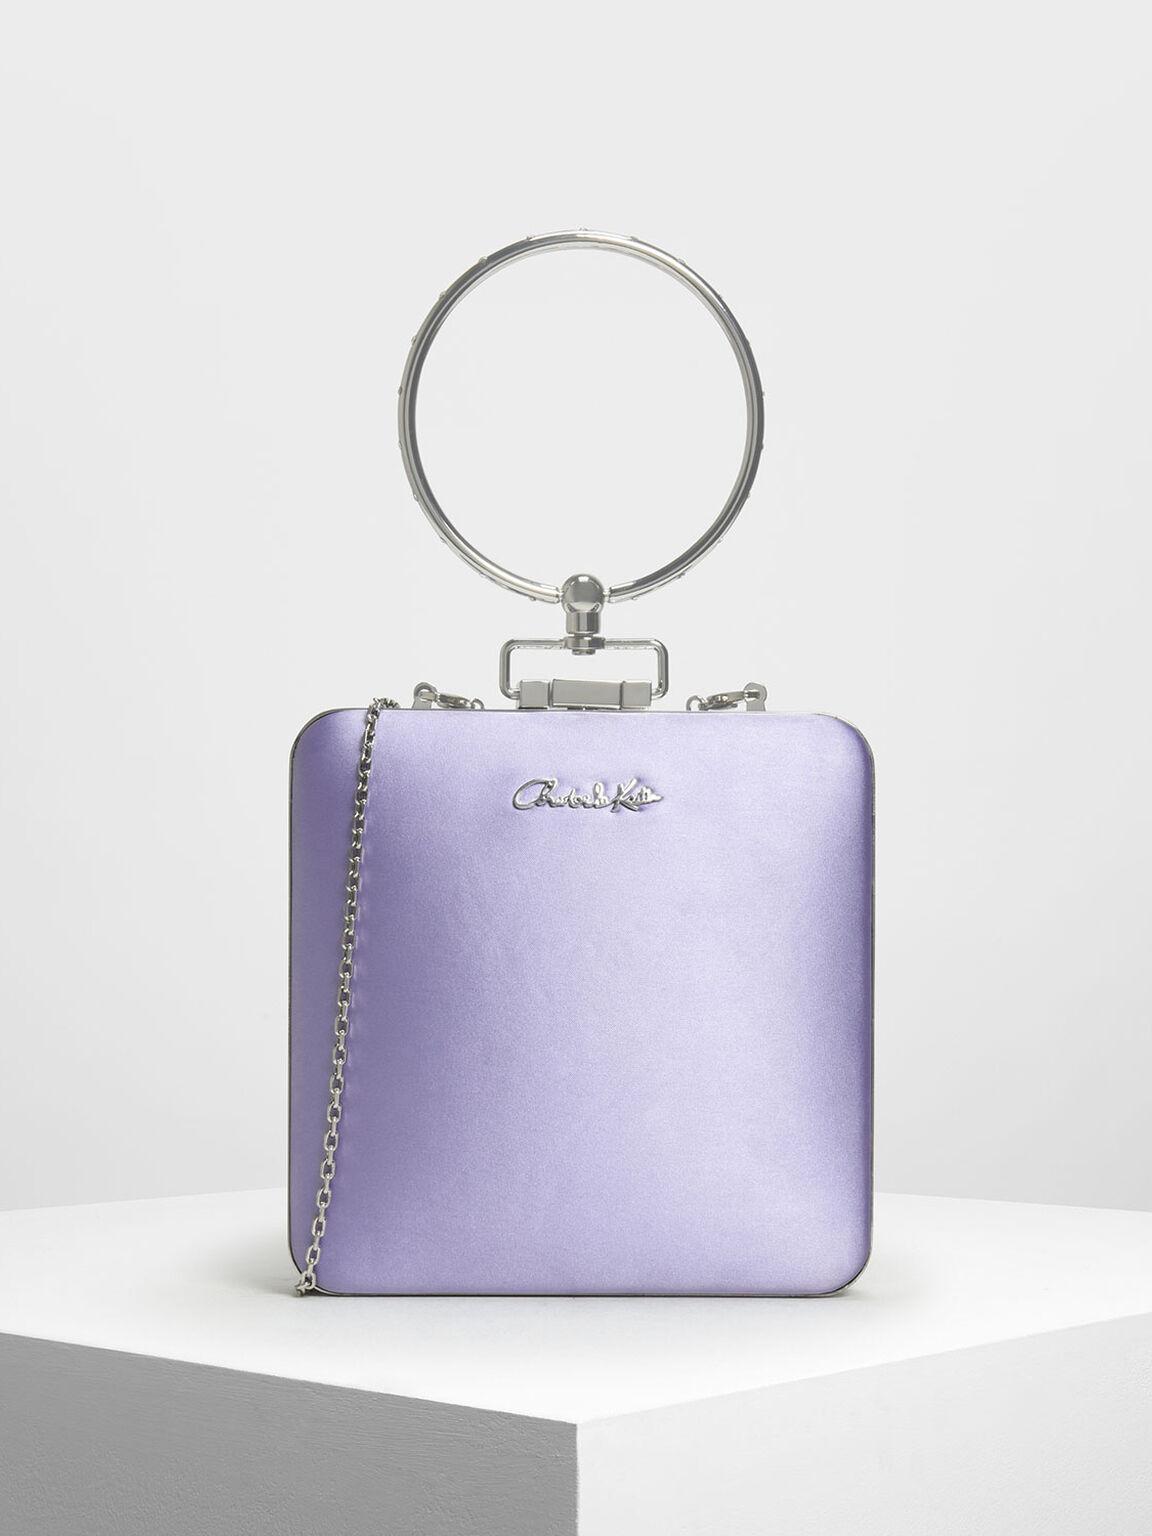 圓提柄緞面手拿包, 紫丁香色, hi-res